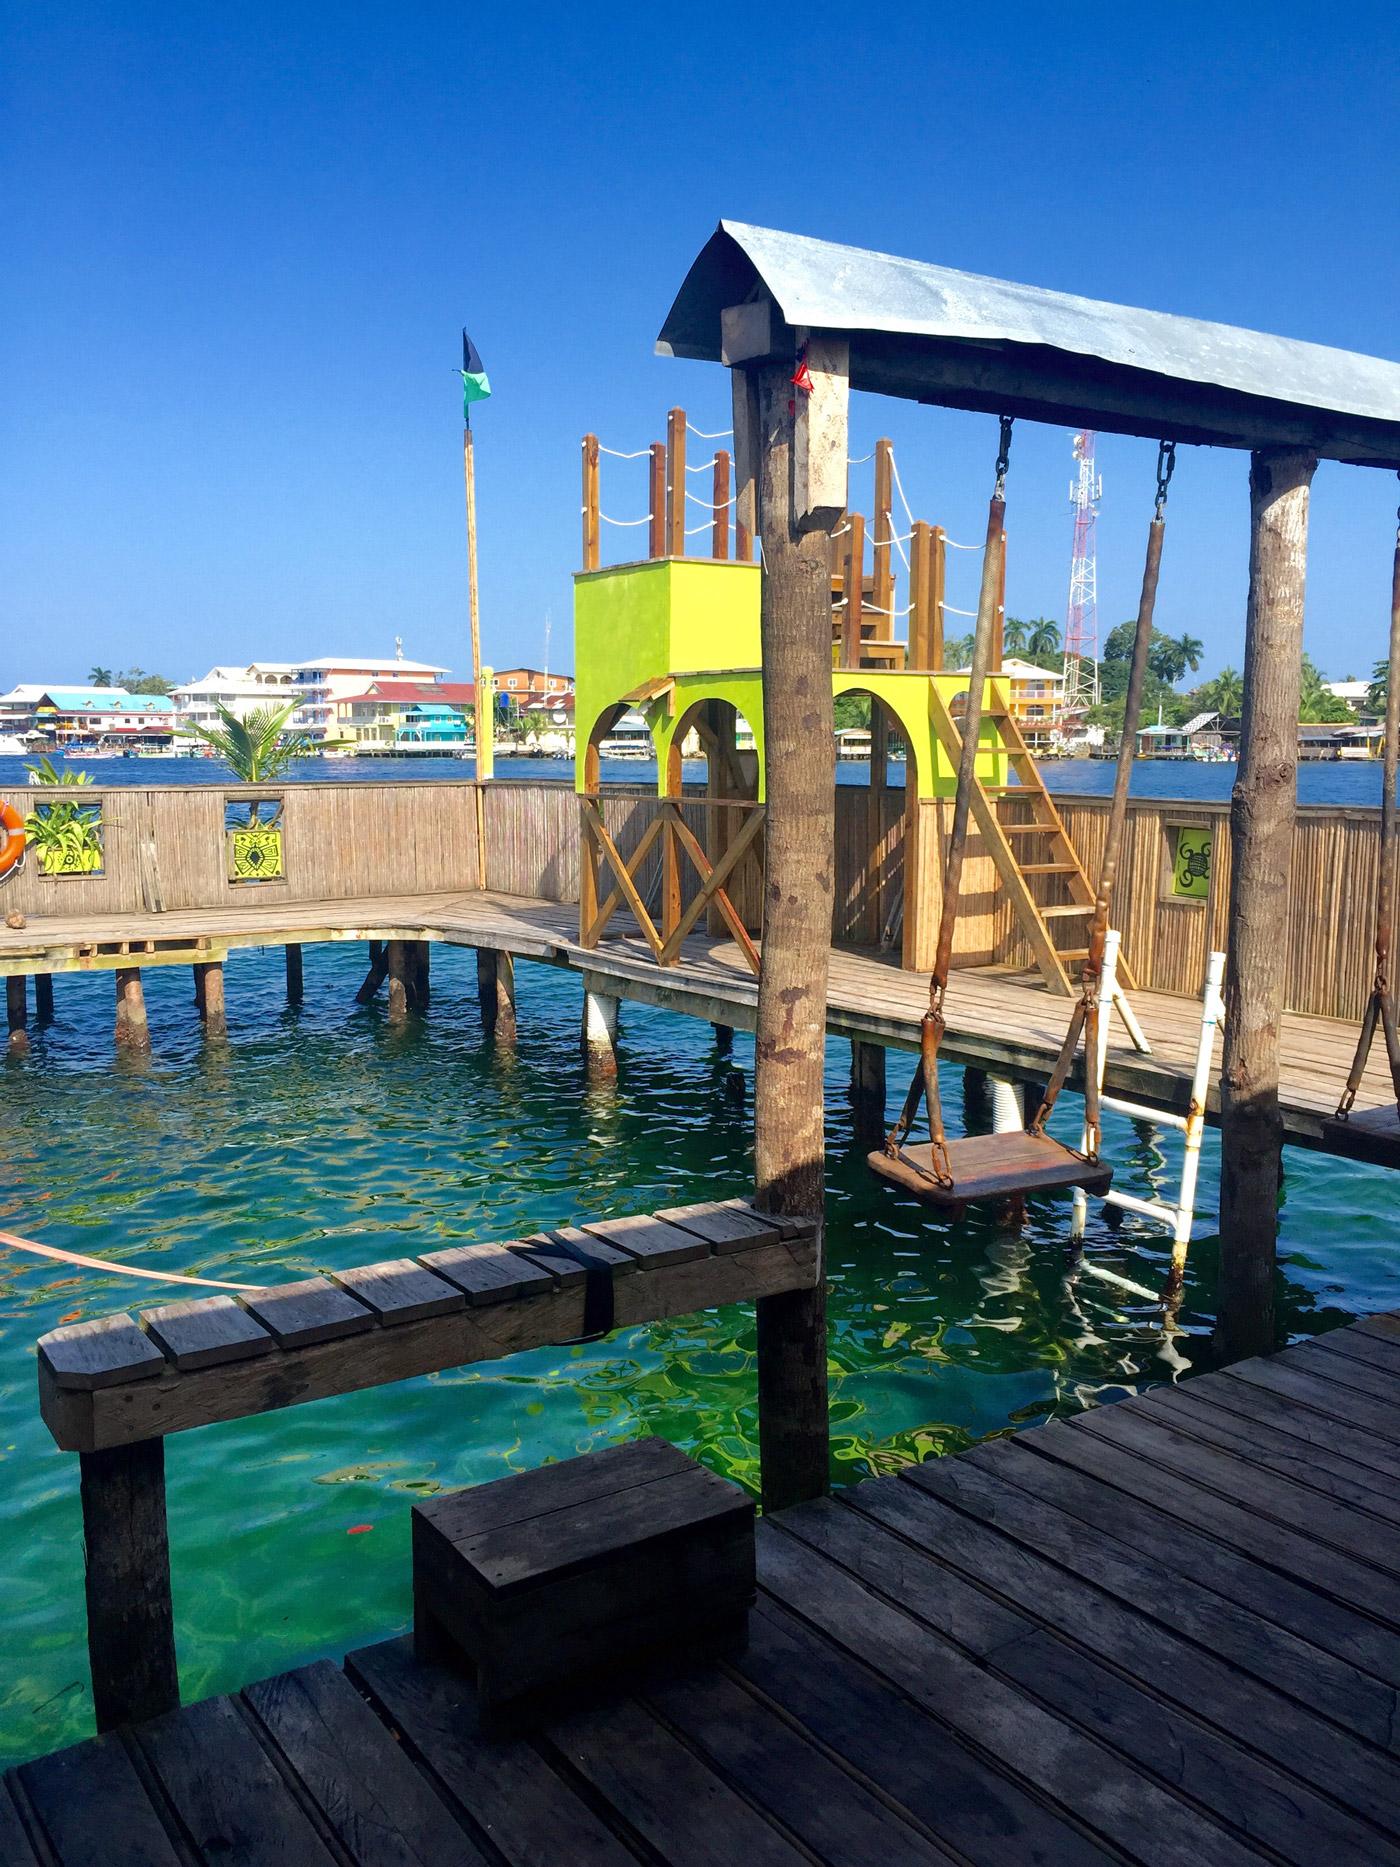 Aqua Lounge Hostel, not a bad setup